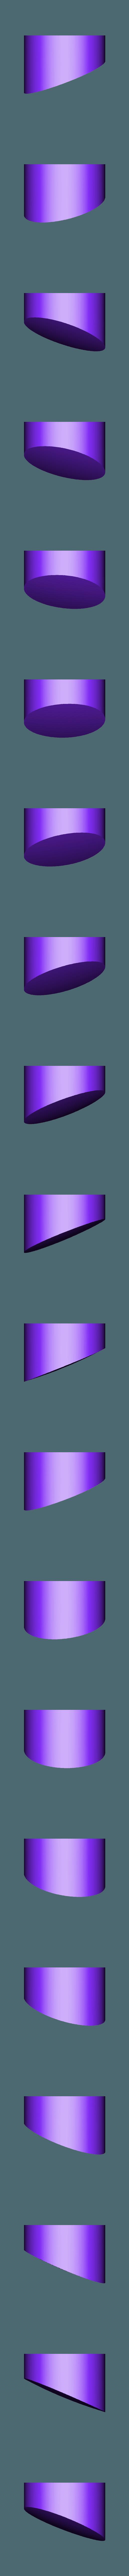 pupil_left_black.stl Télécharger fichier STL gratuit Chococat (チョコキャット, Chokokyatto) de Hello kitty • Modèle pour imprimante 3D, Jangie